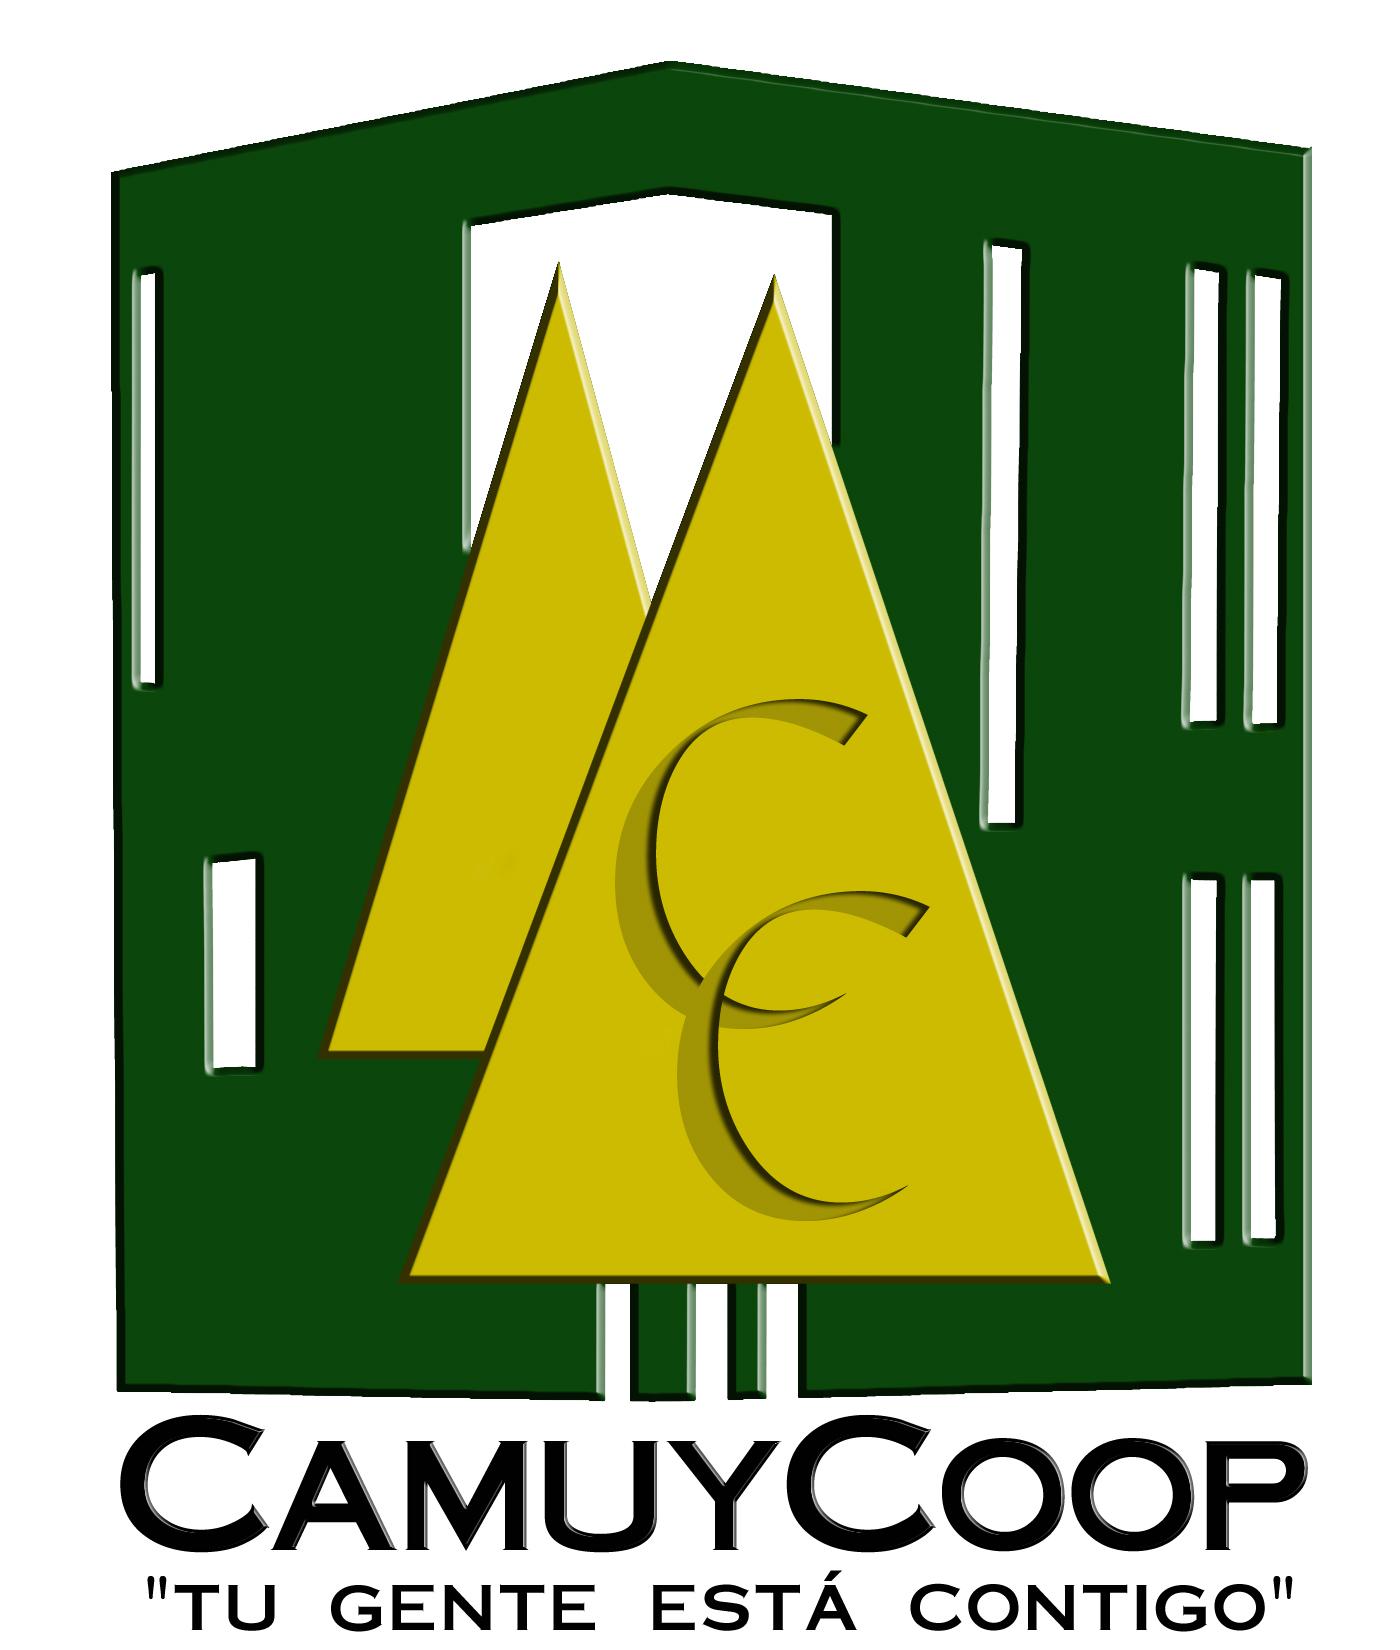 Camuy Coop